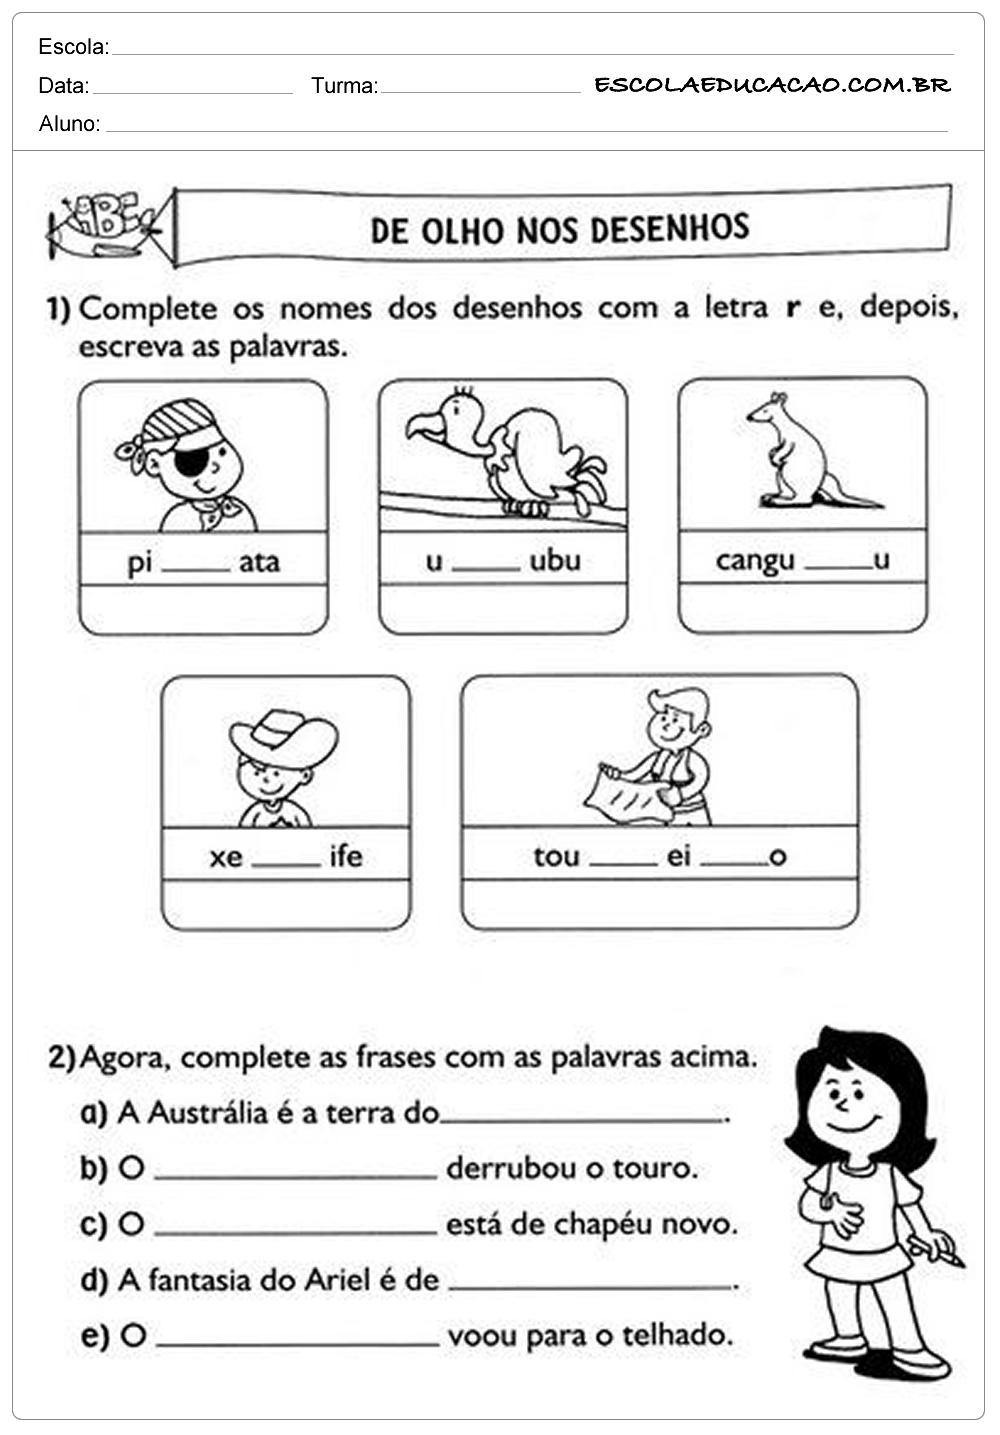 Atividades de Português 2º ano – De olho nos desenhos